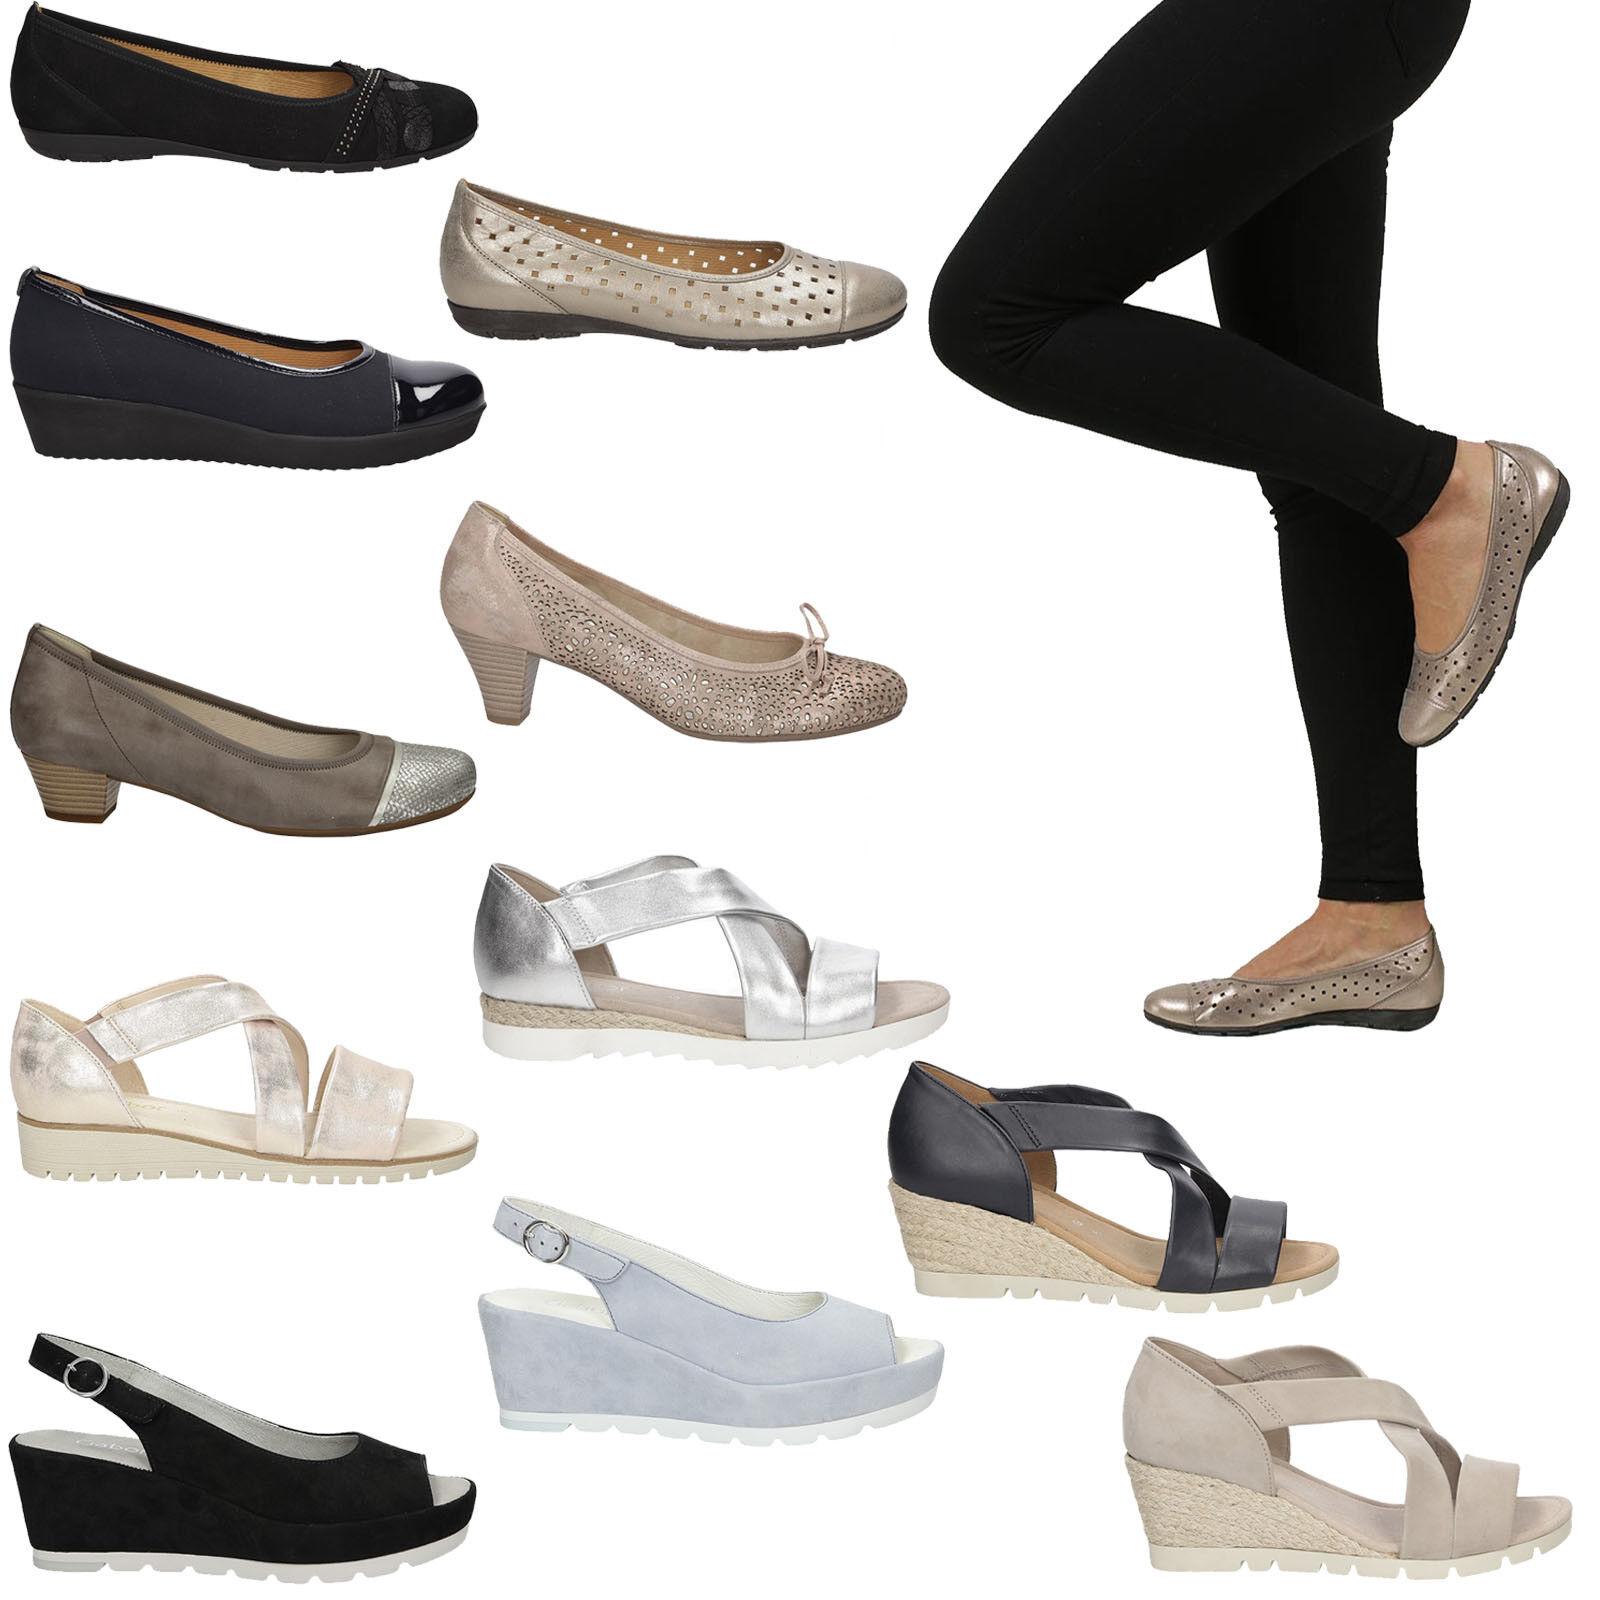 Gabor Ballerinas Sandaletten Sommer Freizeit Gr. Bequem Party Jugend Leder Gr. Freizeit 36-41 2b0511